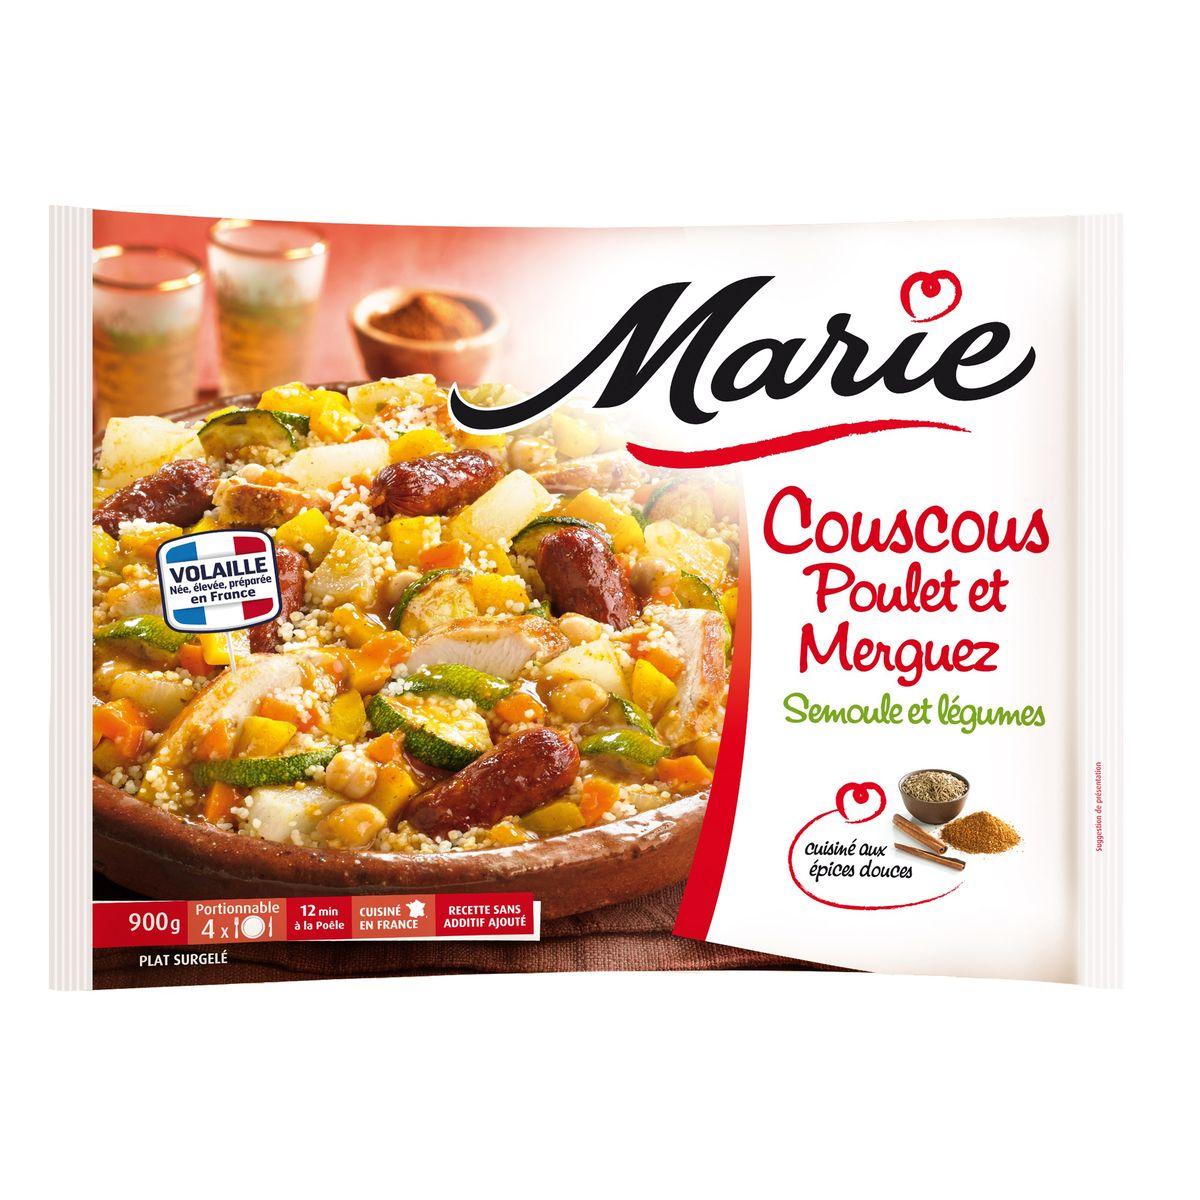 Marie Couscous Poulet Merguez Semoule Et Legumes Cuisine Aux Epices